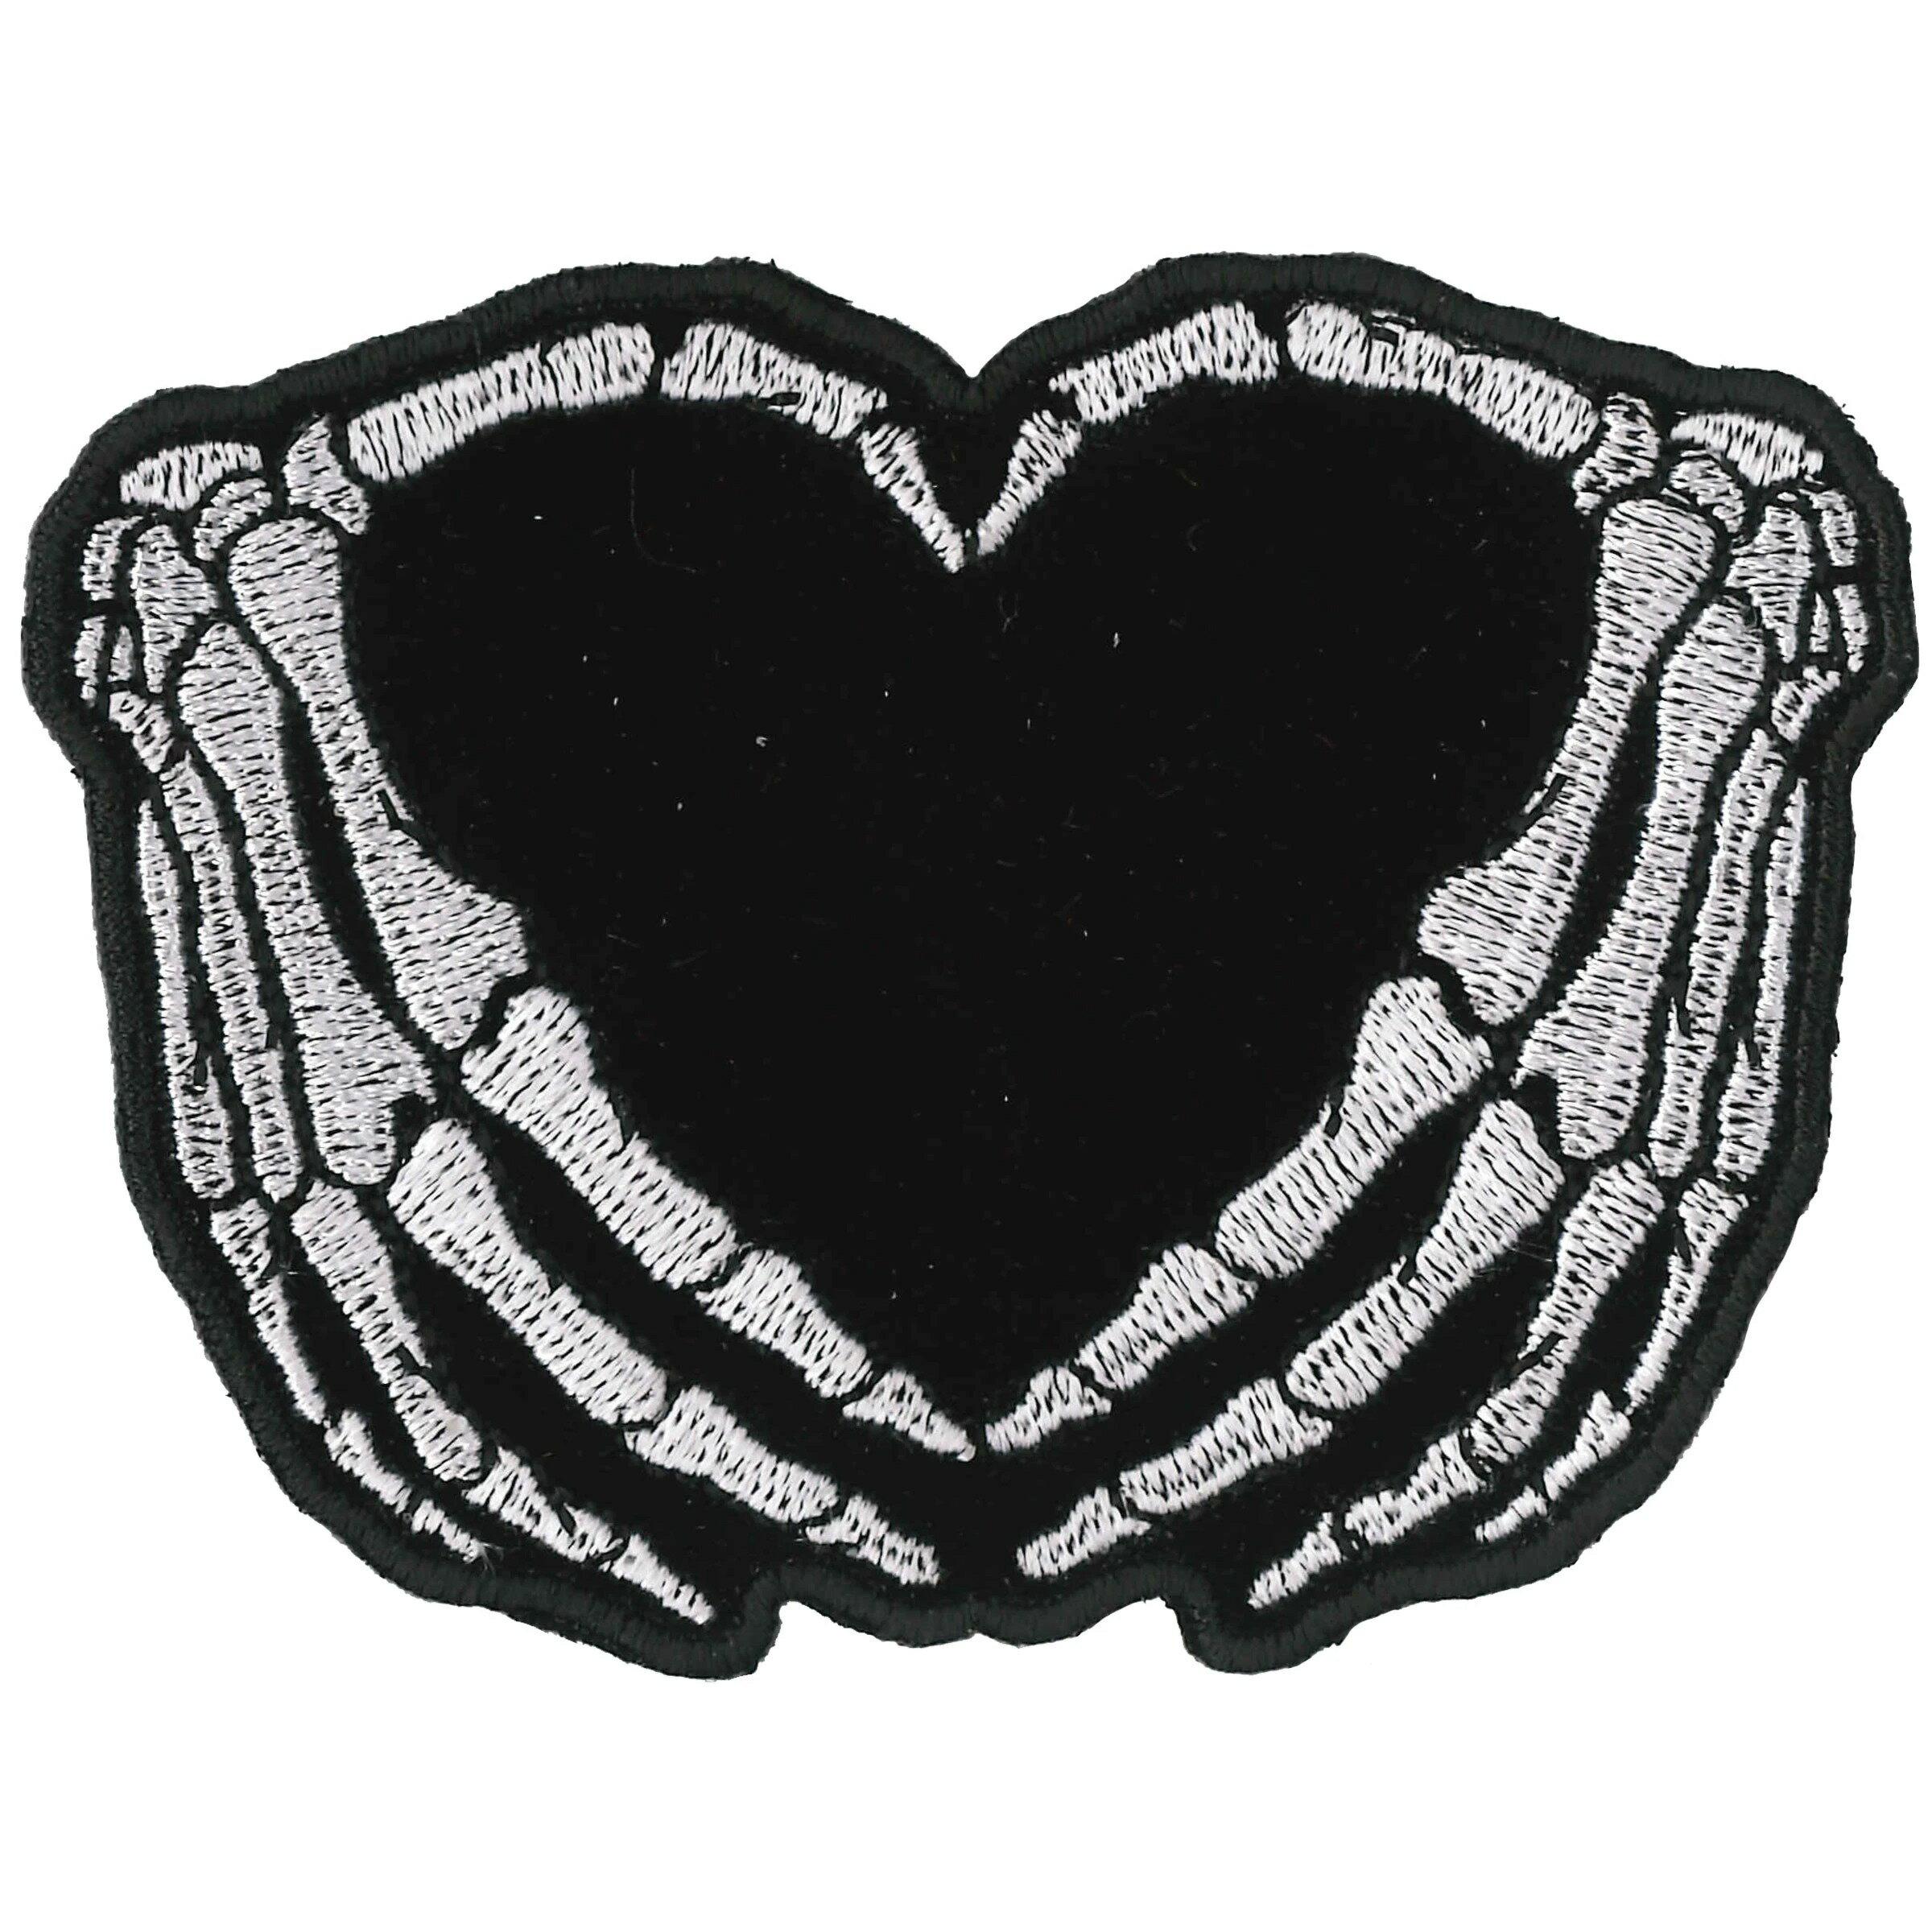 裁縫材料, ワッペン・アップリケ ! 2! Skeleton Heart ! HOTLEATHERS ! !